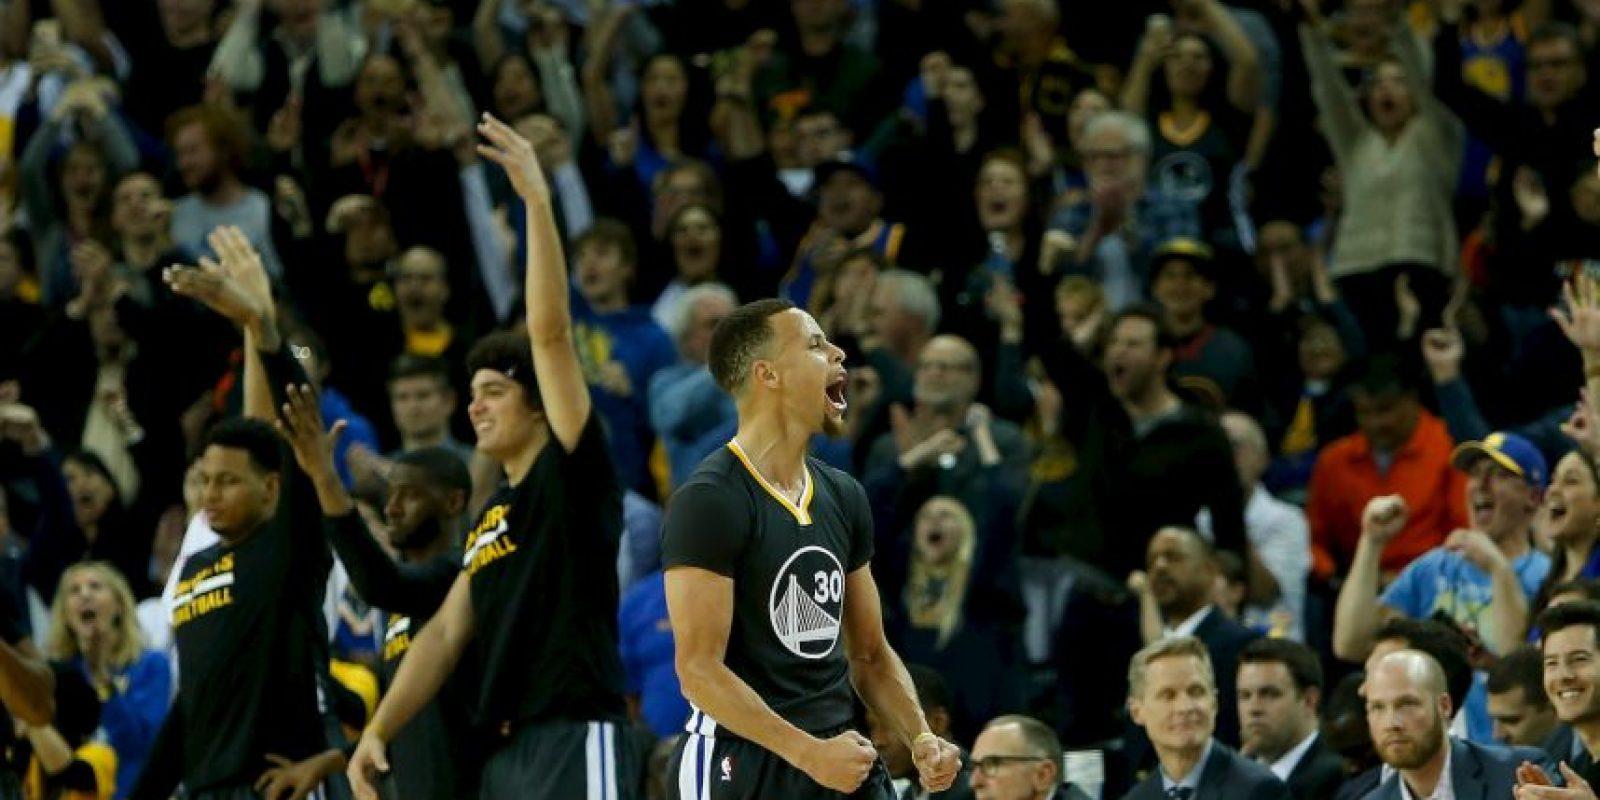 Marchan con un récord de 59 victorias y seis derrotas Foto:Getty Images